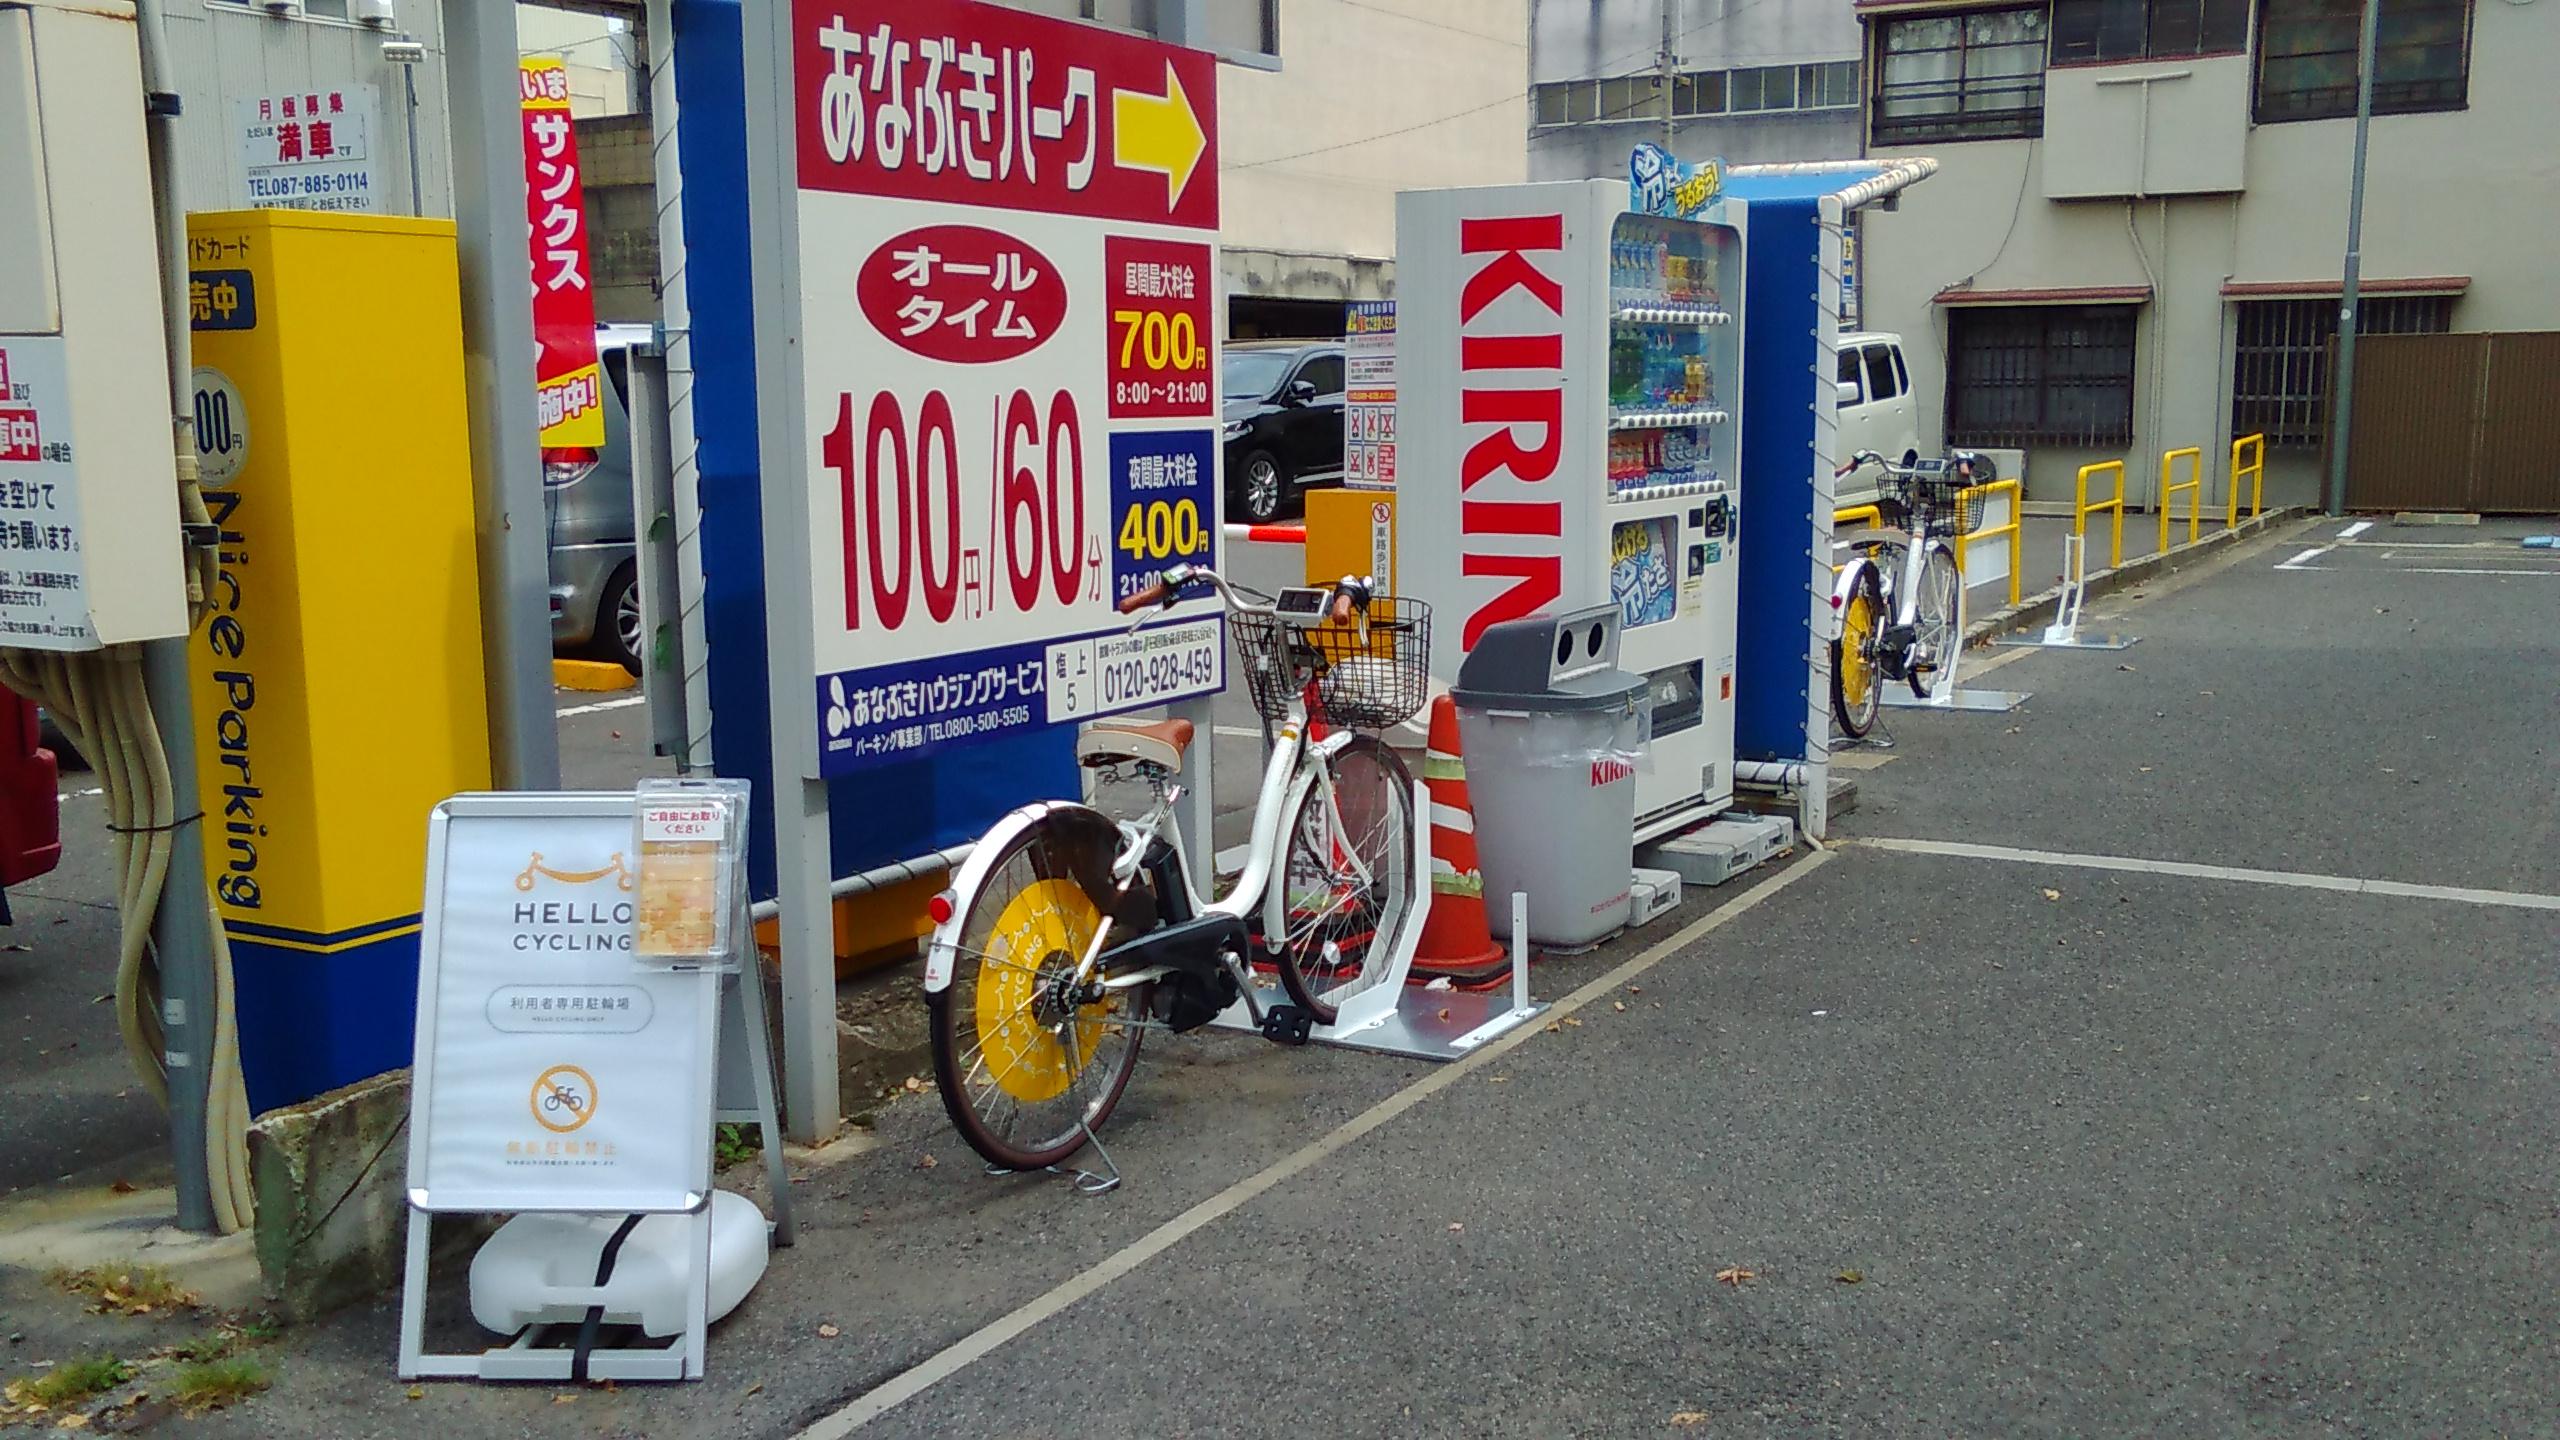 ことでん瓦町駅東側(あなぶき塩上パーキング) (HELLO CYCLING ポート) image